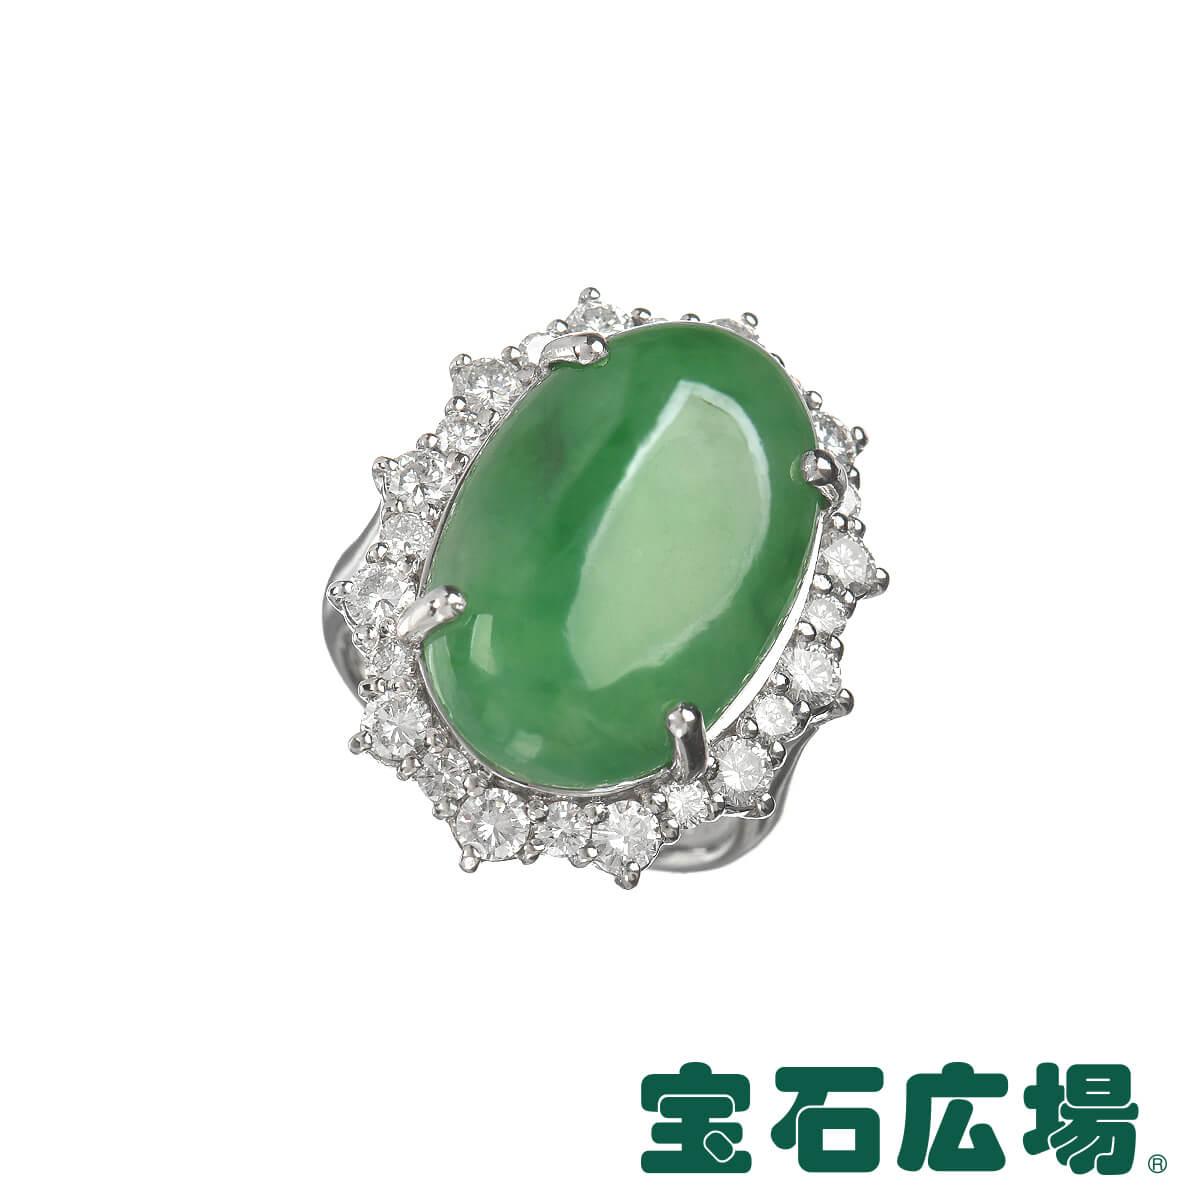 ノーブランド ヒスイ・ダイヤ リング 【中古】 ジュエリー 送料無料